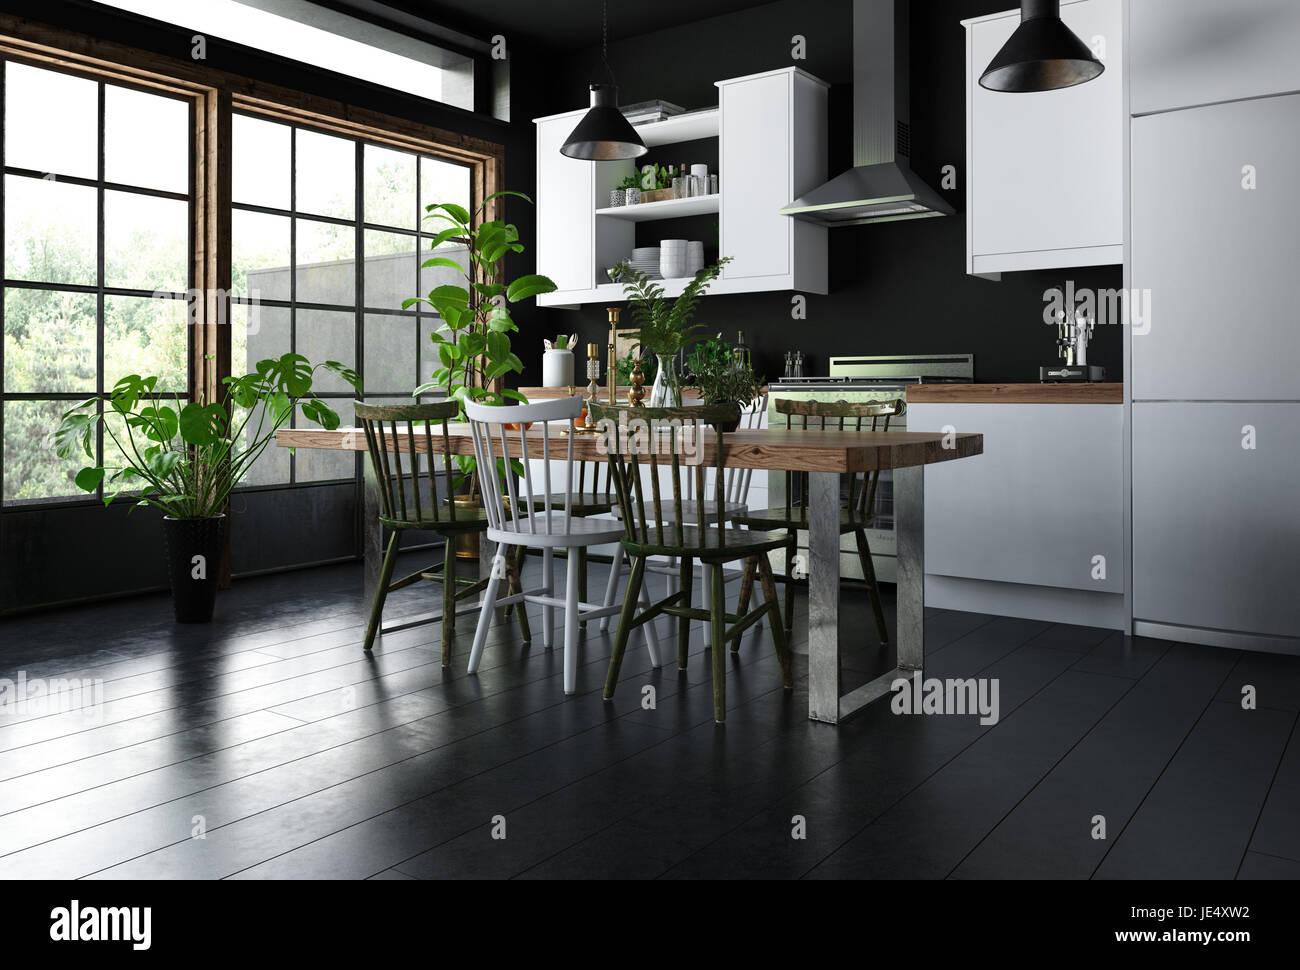 Innenraum der moderne Küche mit Esstisch, Holzstühle auf schwarzer ...